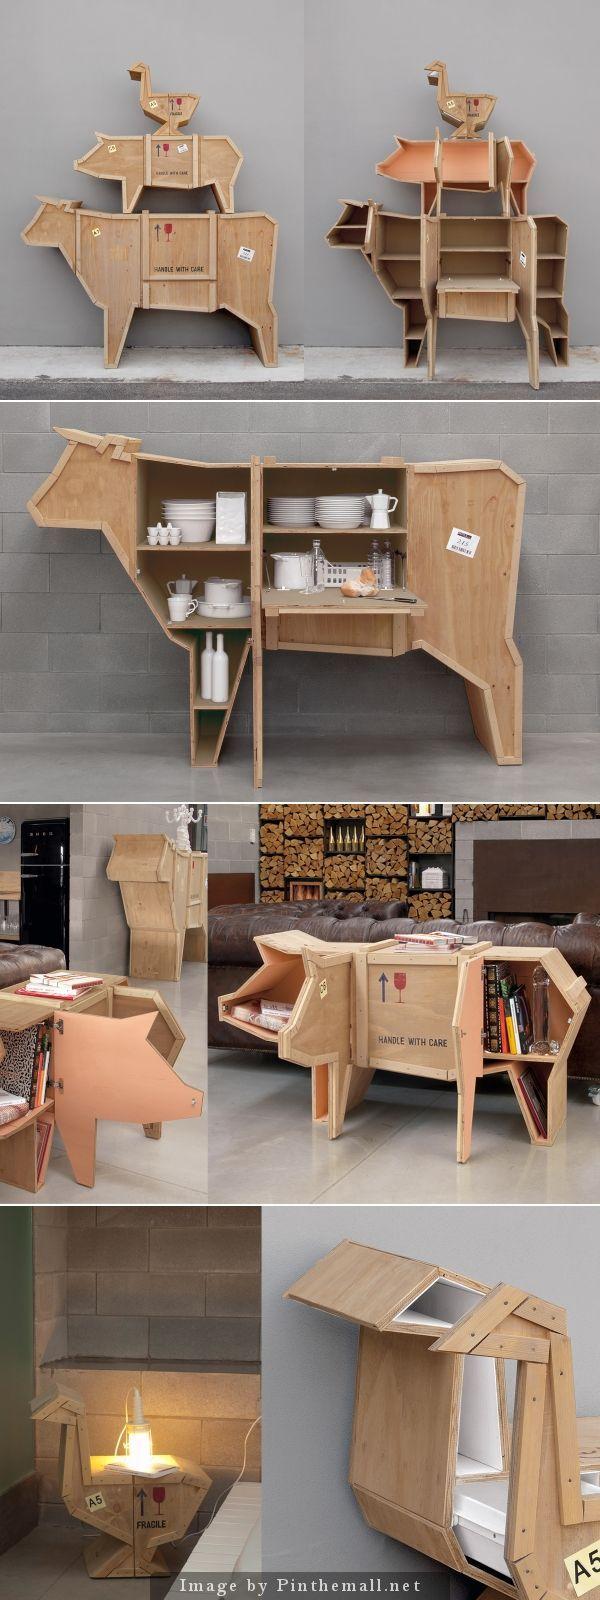 Pingl par cheeketine sur deco pinterest mobilier mobilier de salon et mobilier design for Deco mobilier design